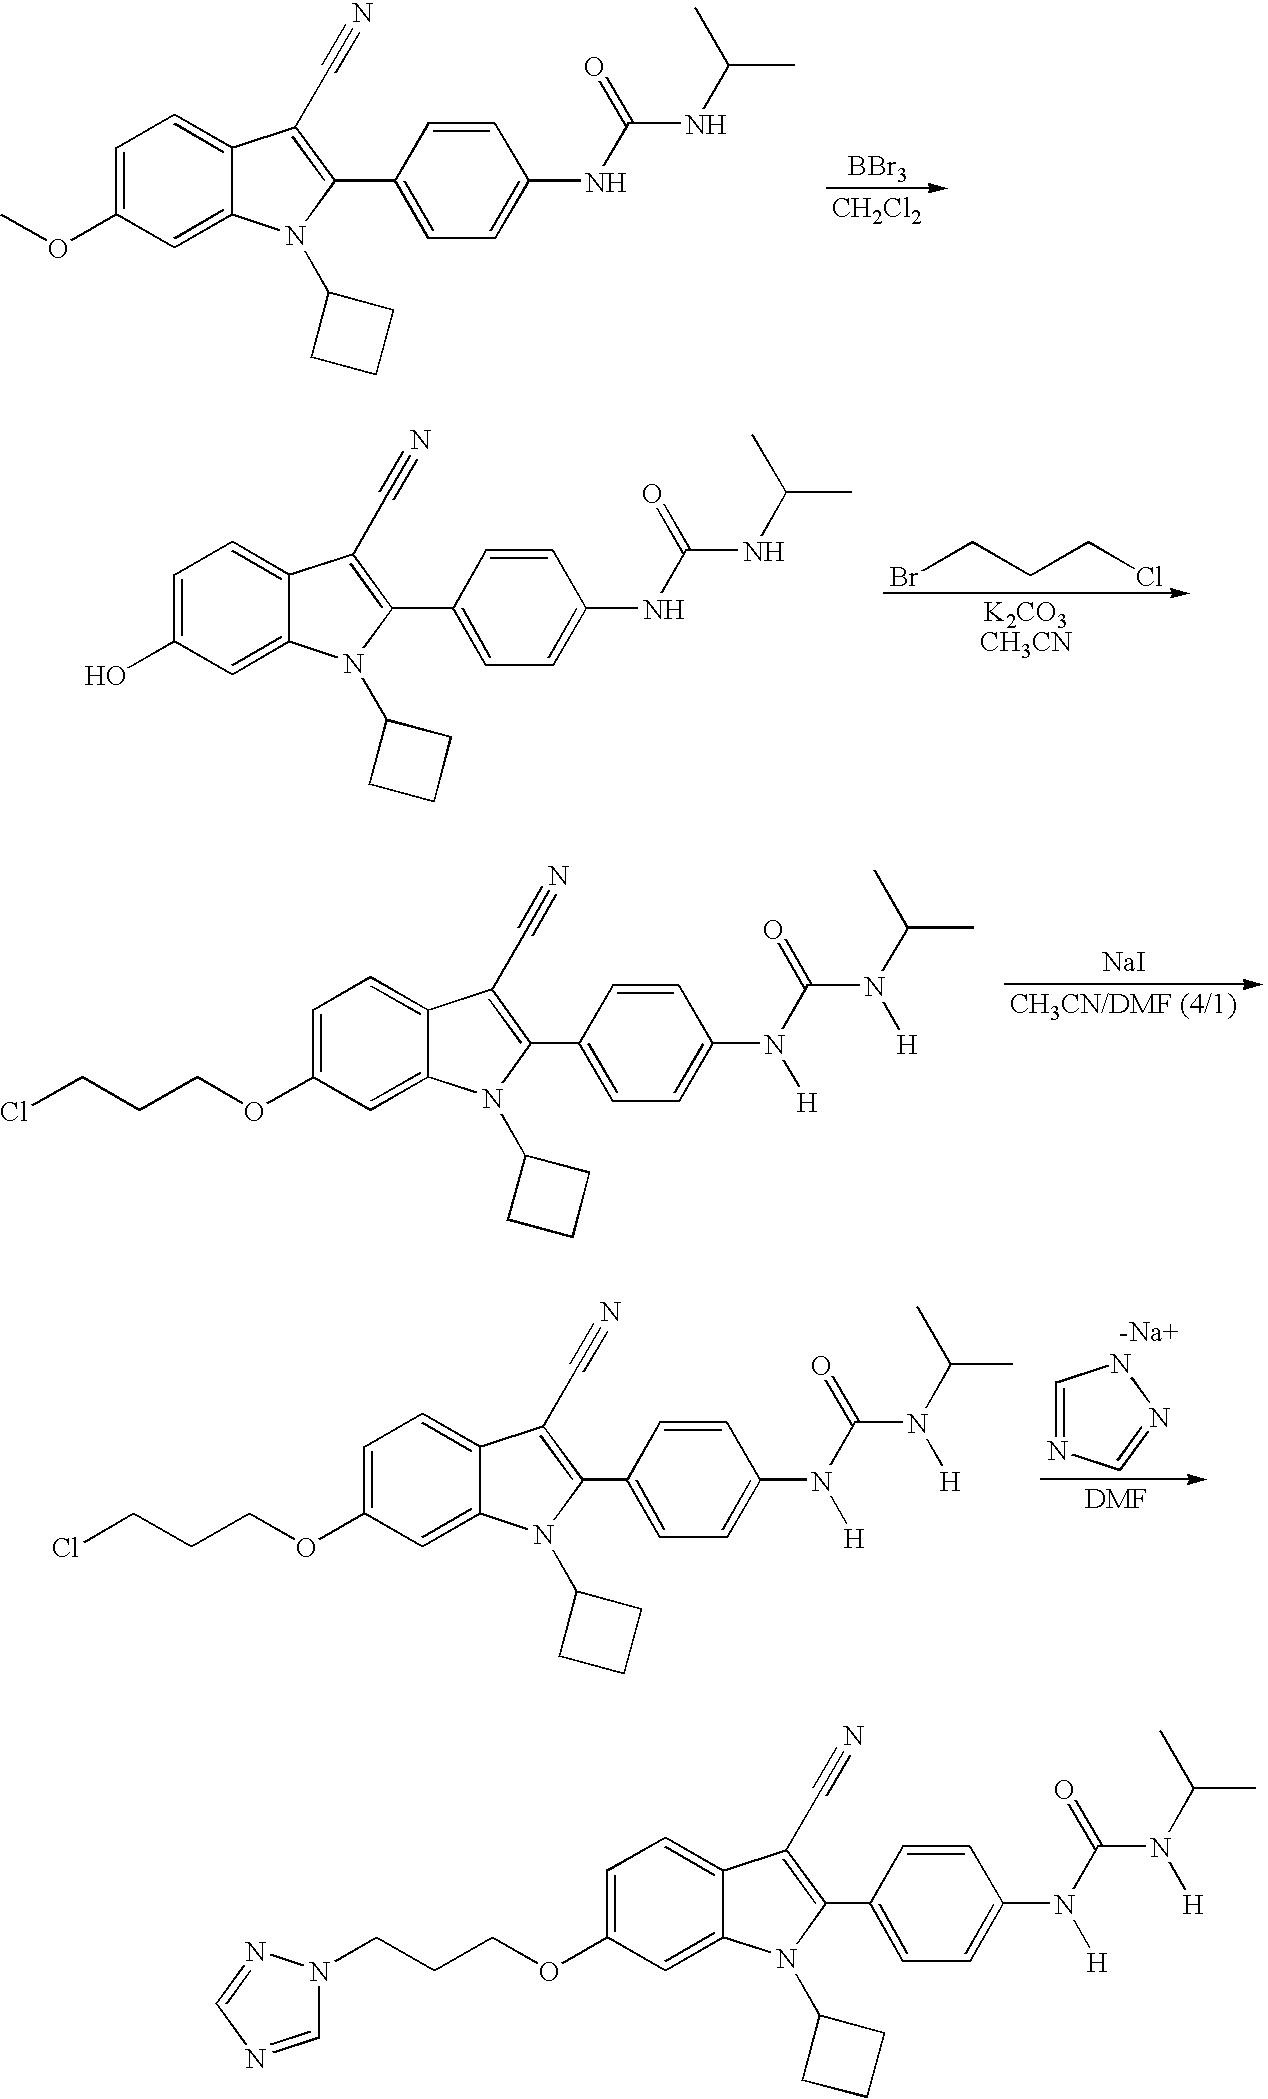 Figure US07781478-20100824-C00440